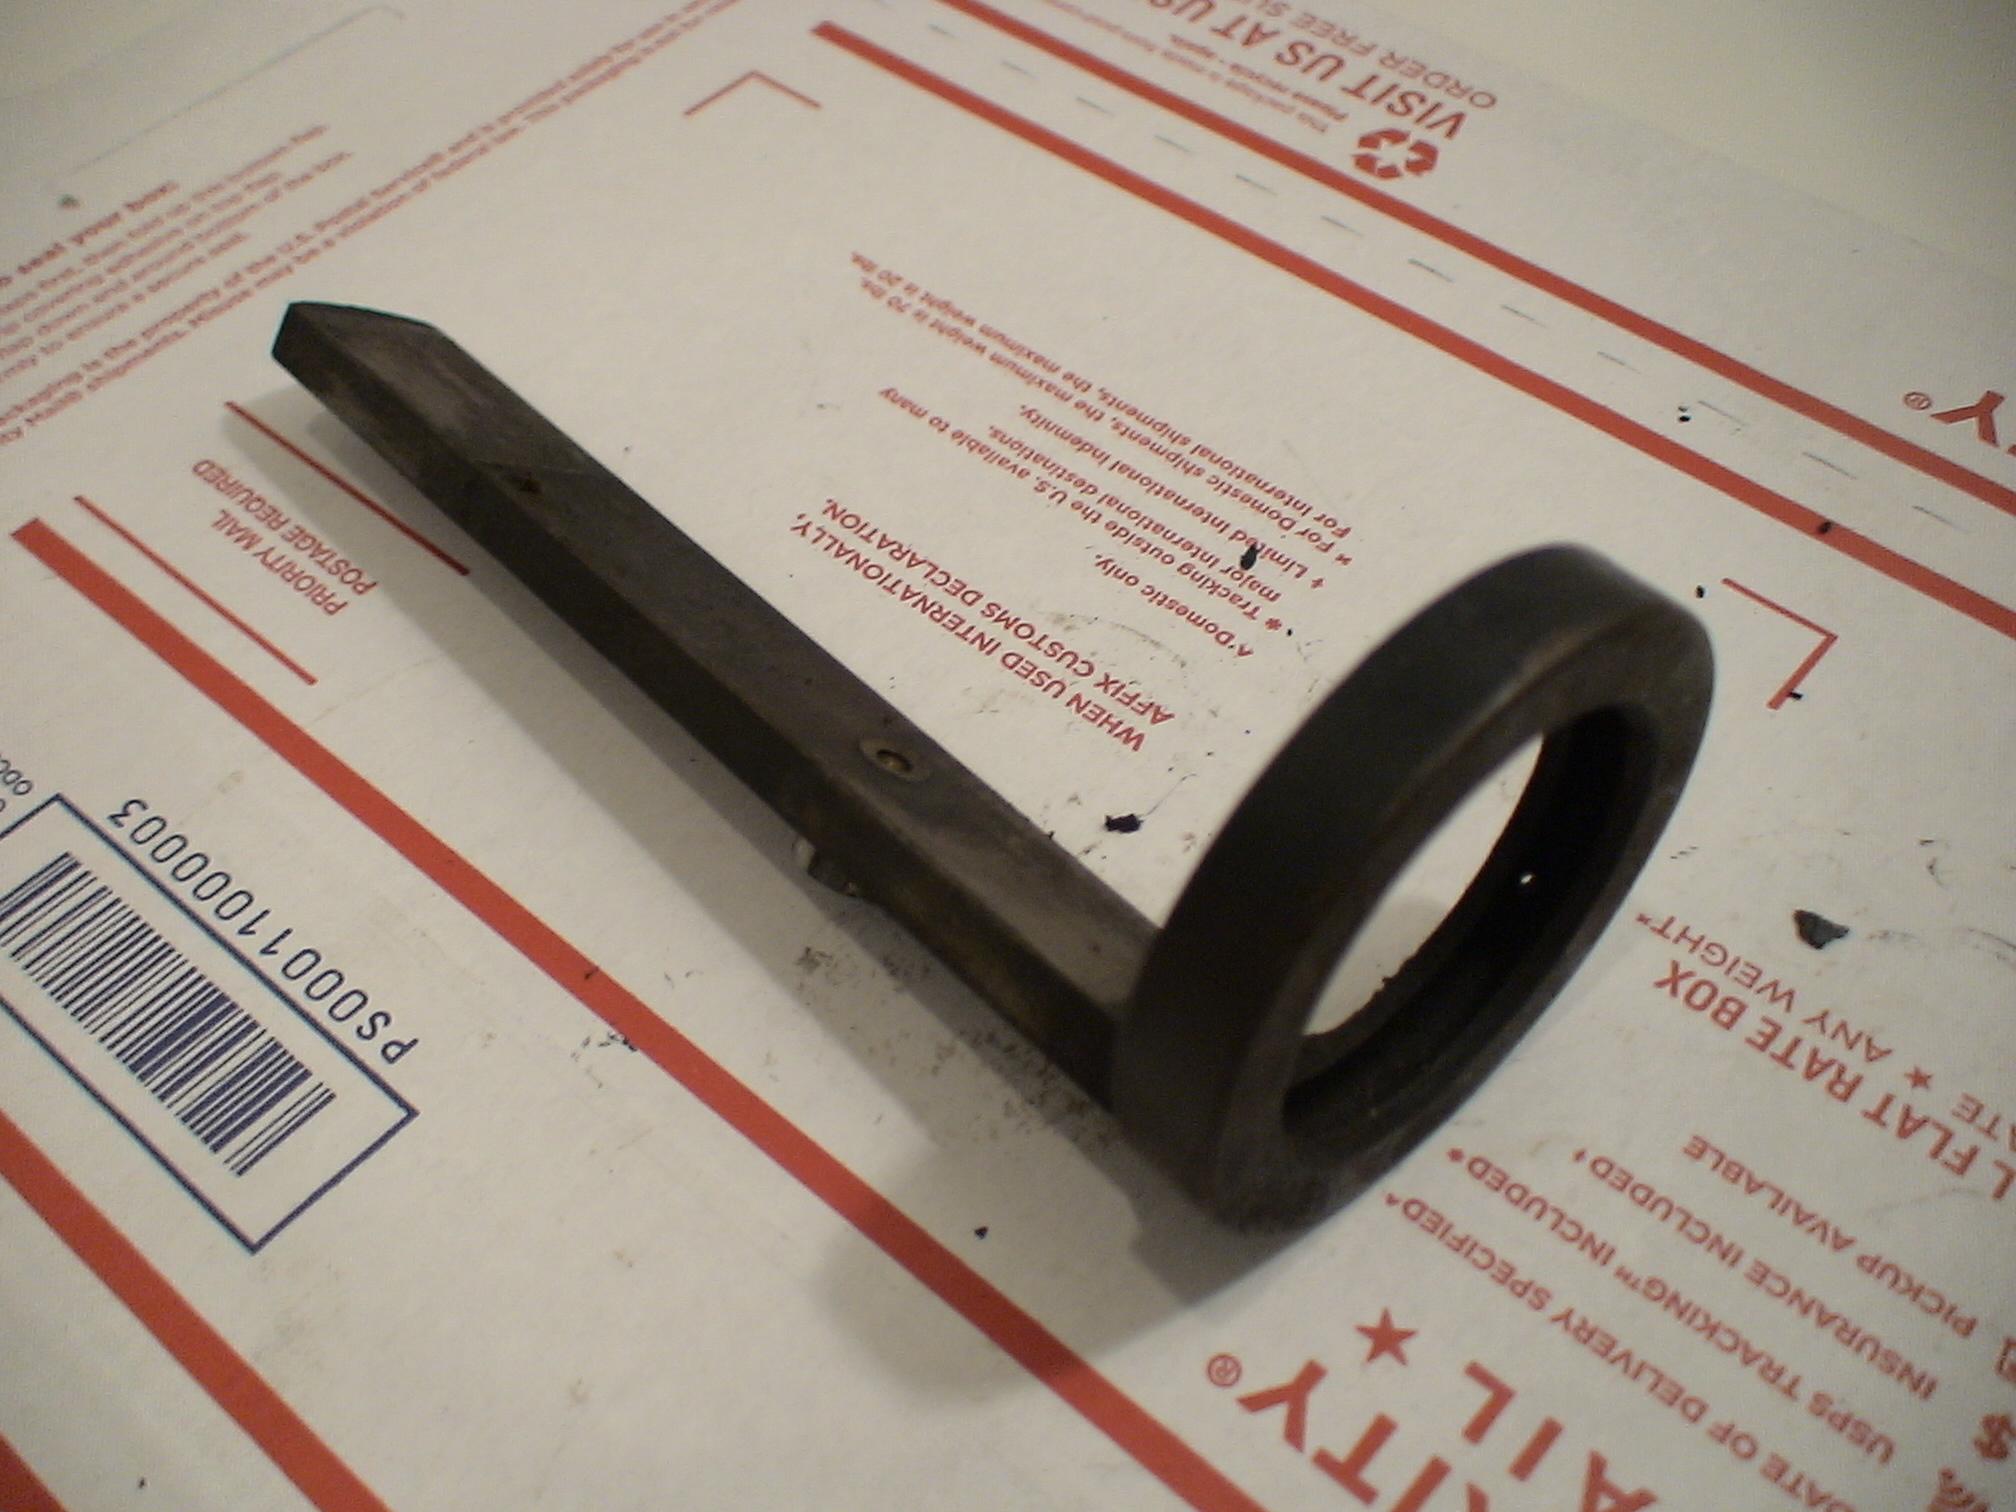 Singer 29-4 Feed Motion Ring Slide Bar